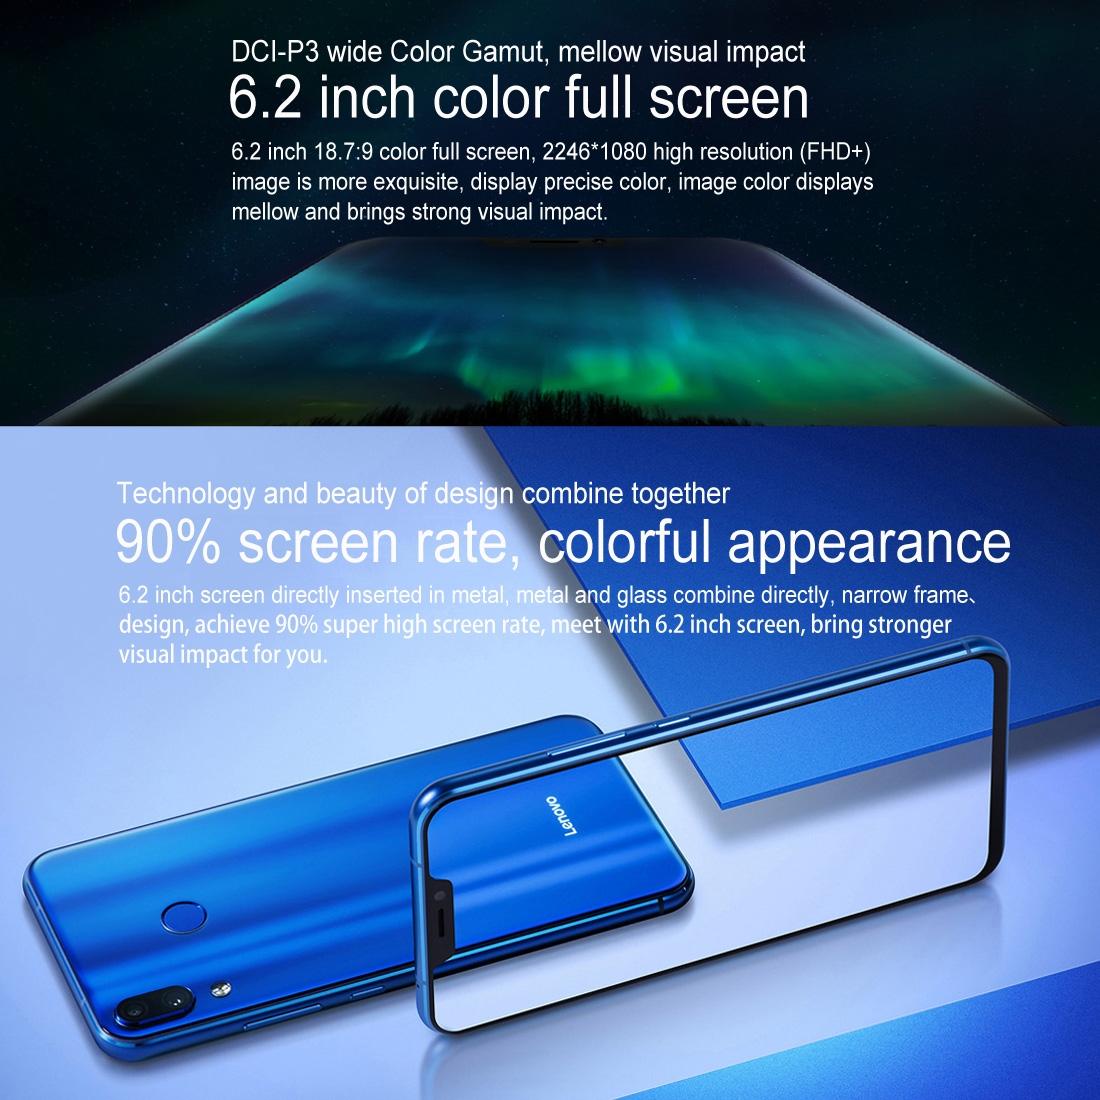 i.ibb.co/KFV5vRy/Smartphone-6-GB-64-GB-Lenovo-Z5-7.jpg